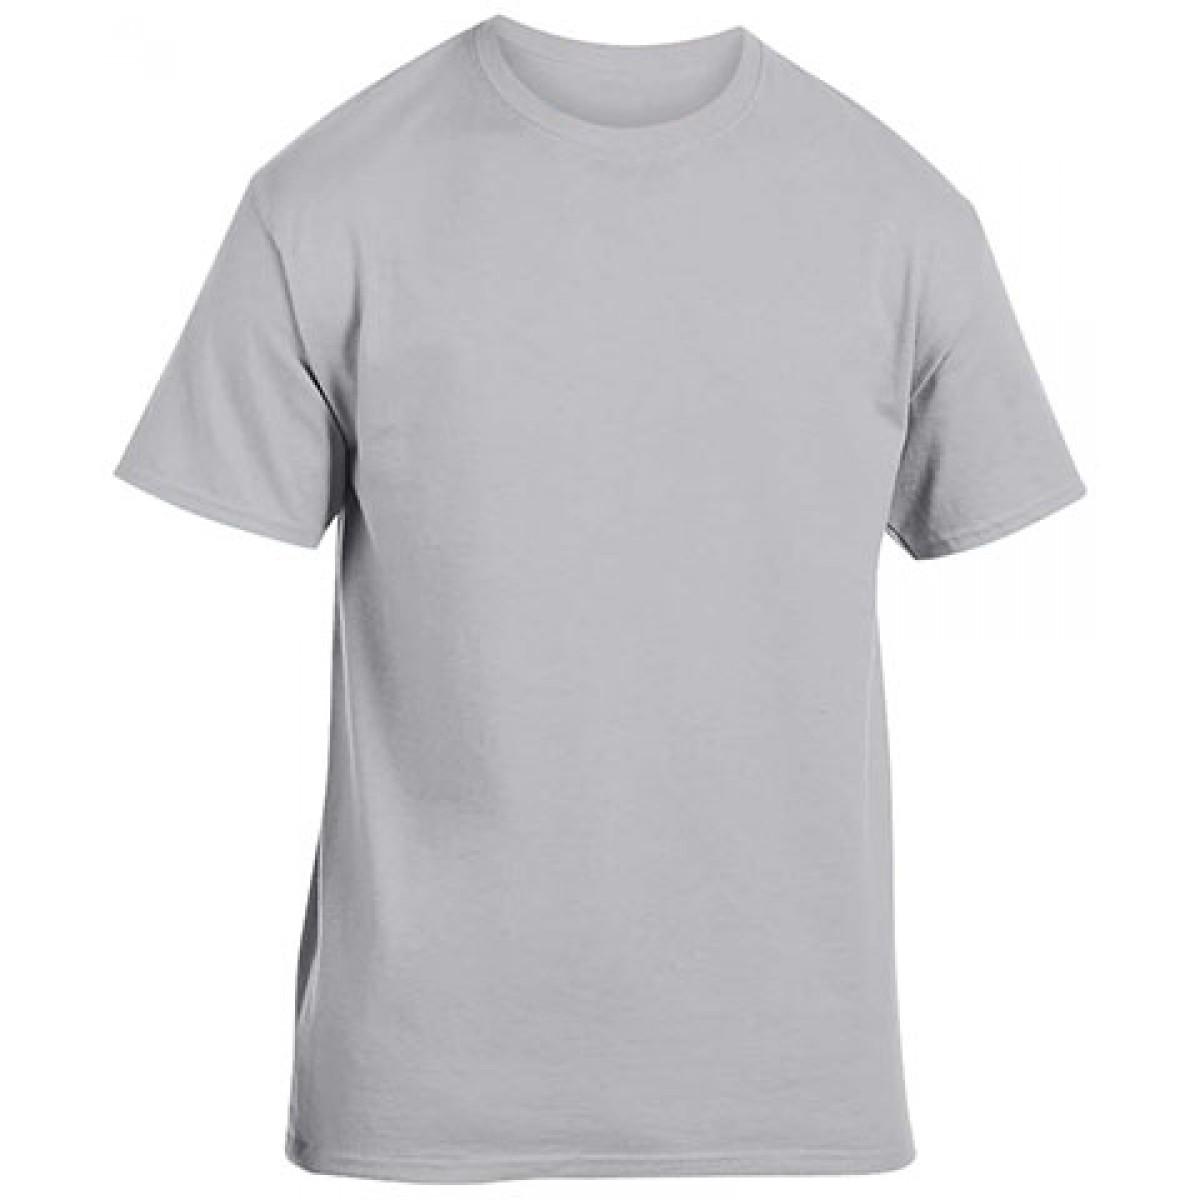 Cotton Short Sleeve T-Shirt-Gray-2XL